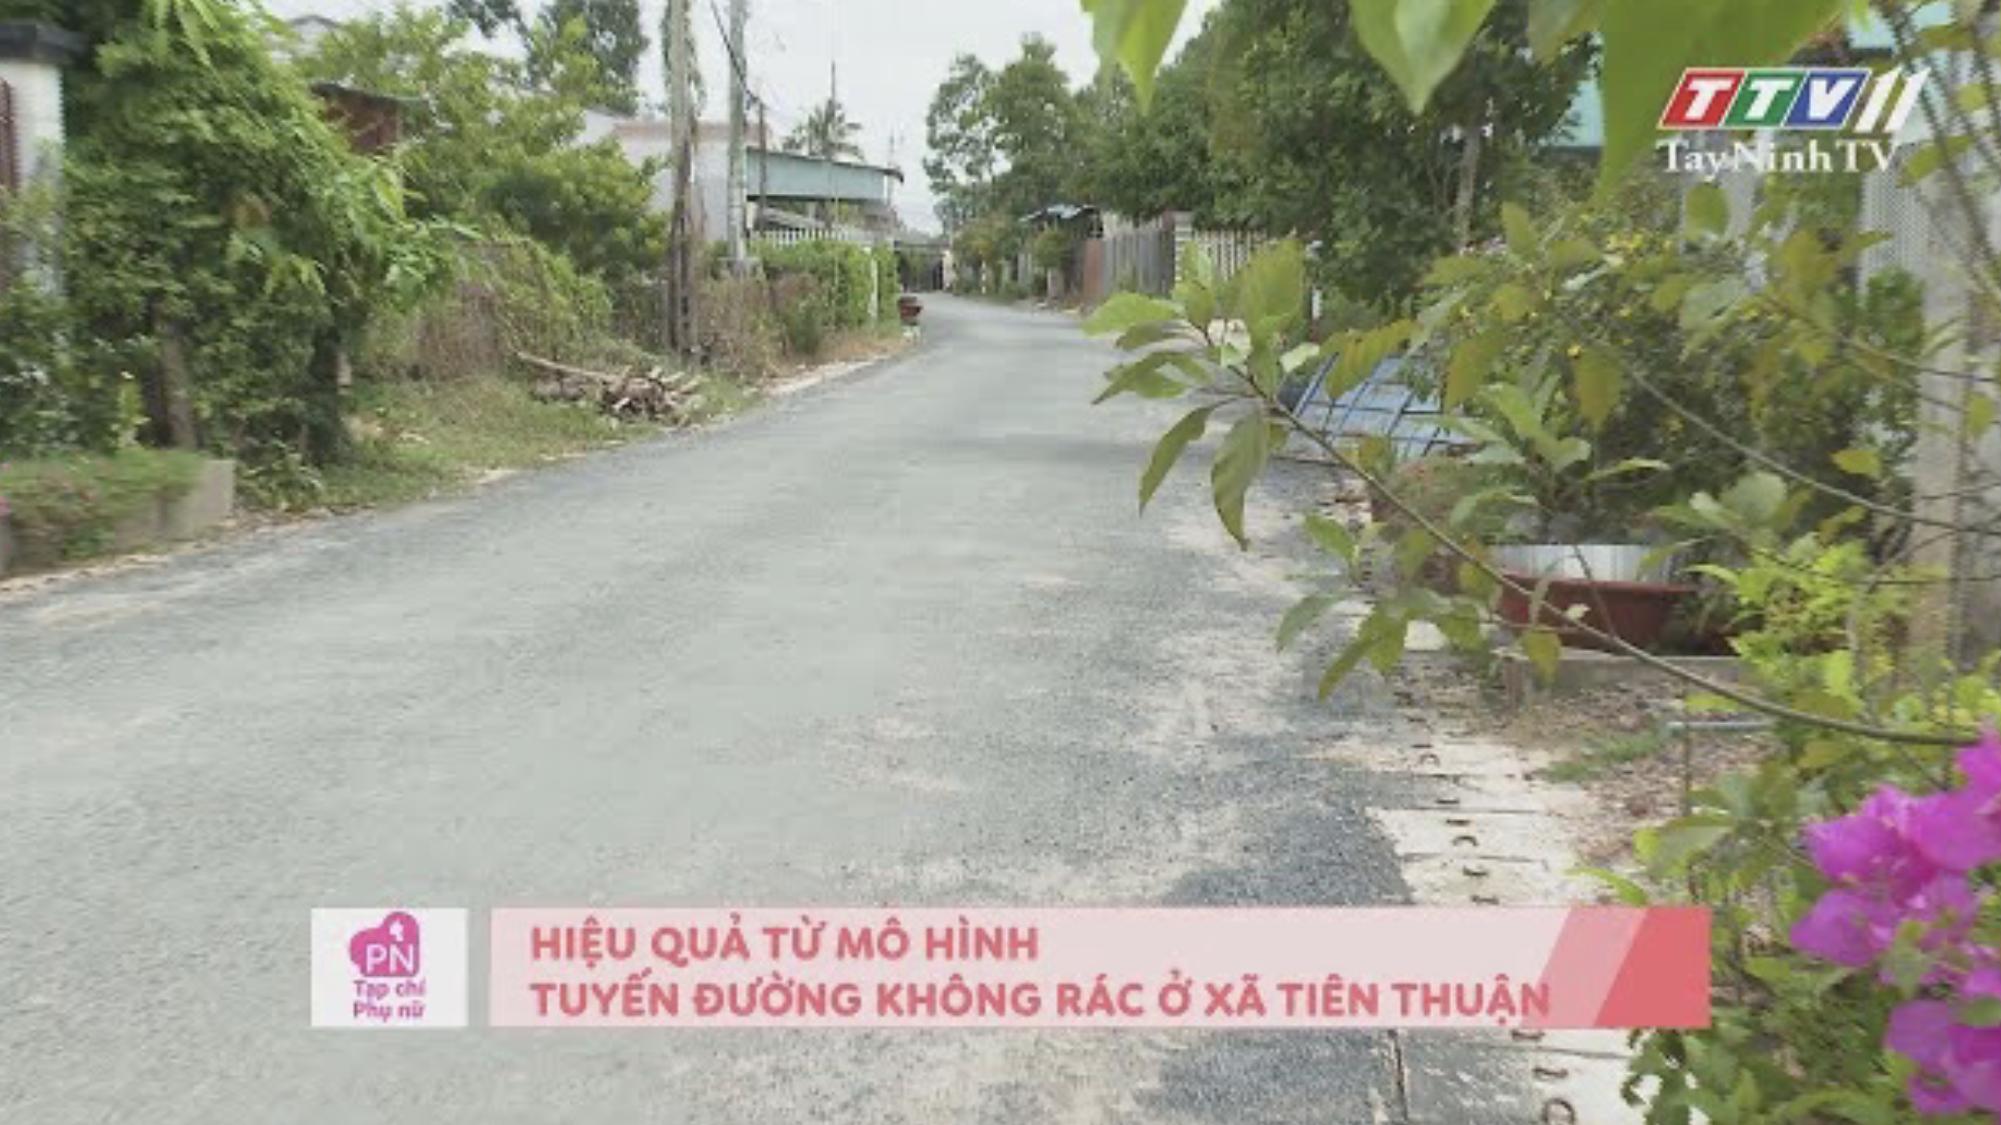 Hiệu quả từ mô hình tuyến đường không rác ở xã Tiên Thuận | TẠP CHÍ PHỤ NỮ | TayNinhTV